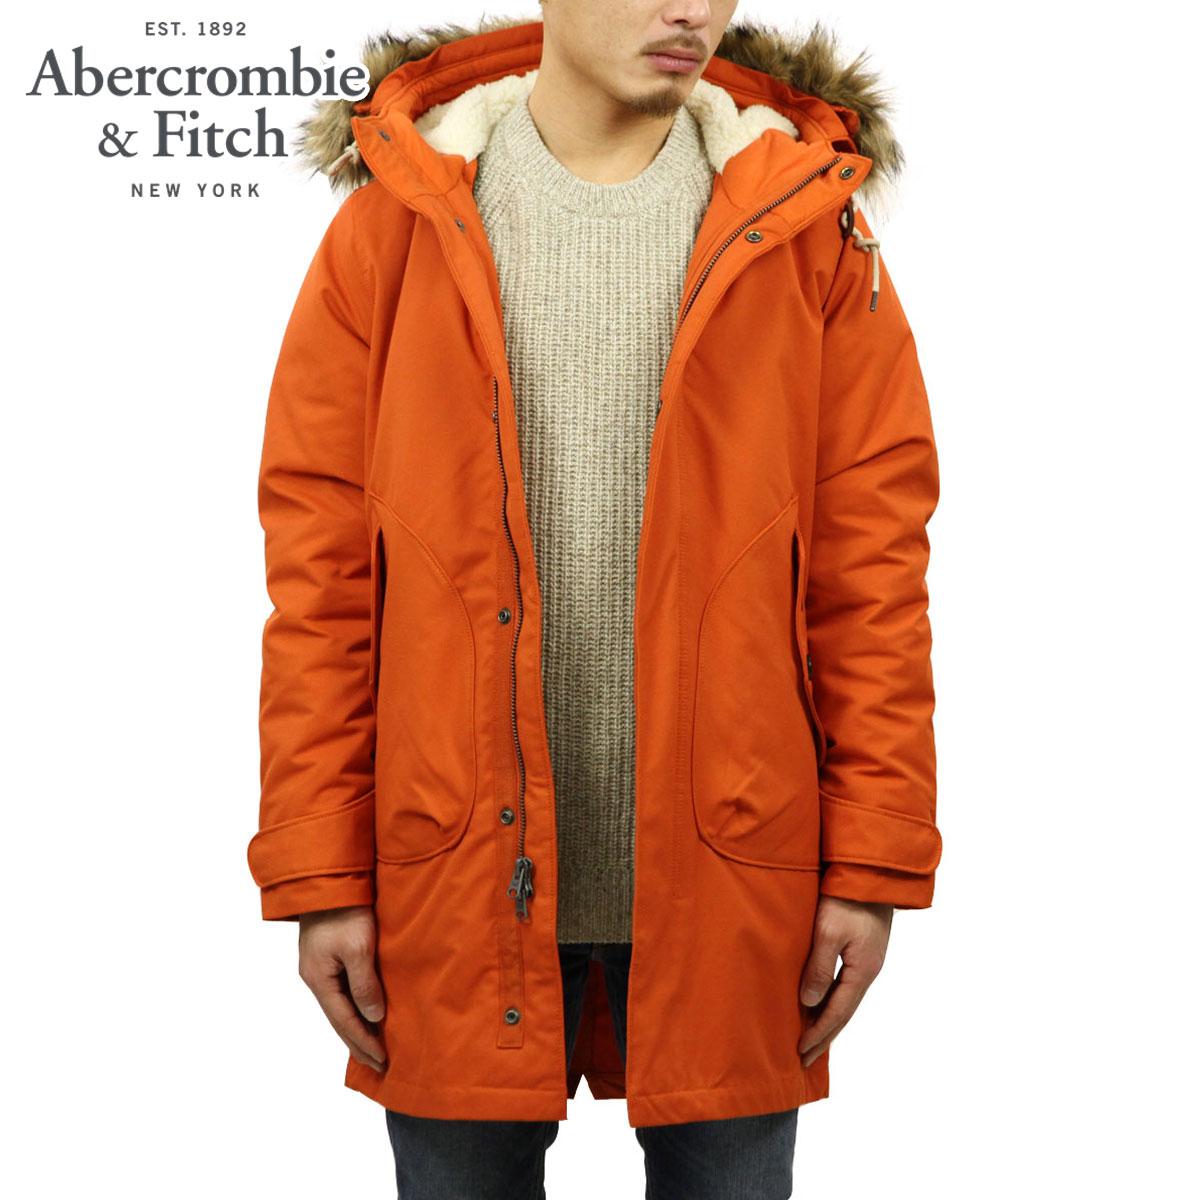 アバクロ Abercrombie&Fitch 正規品 メンズ アウター フード付きコート M51 DOWN-FILLED PARKA 132-327-0404-700